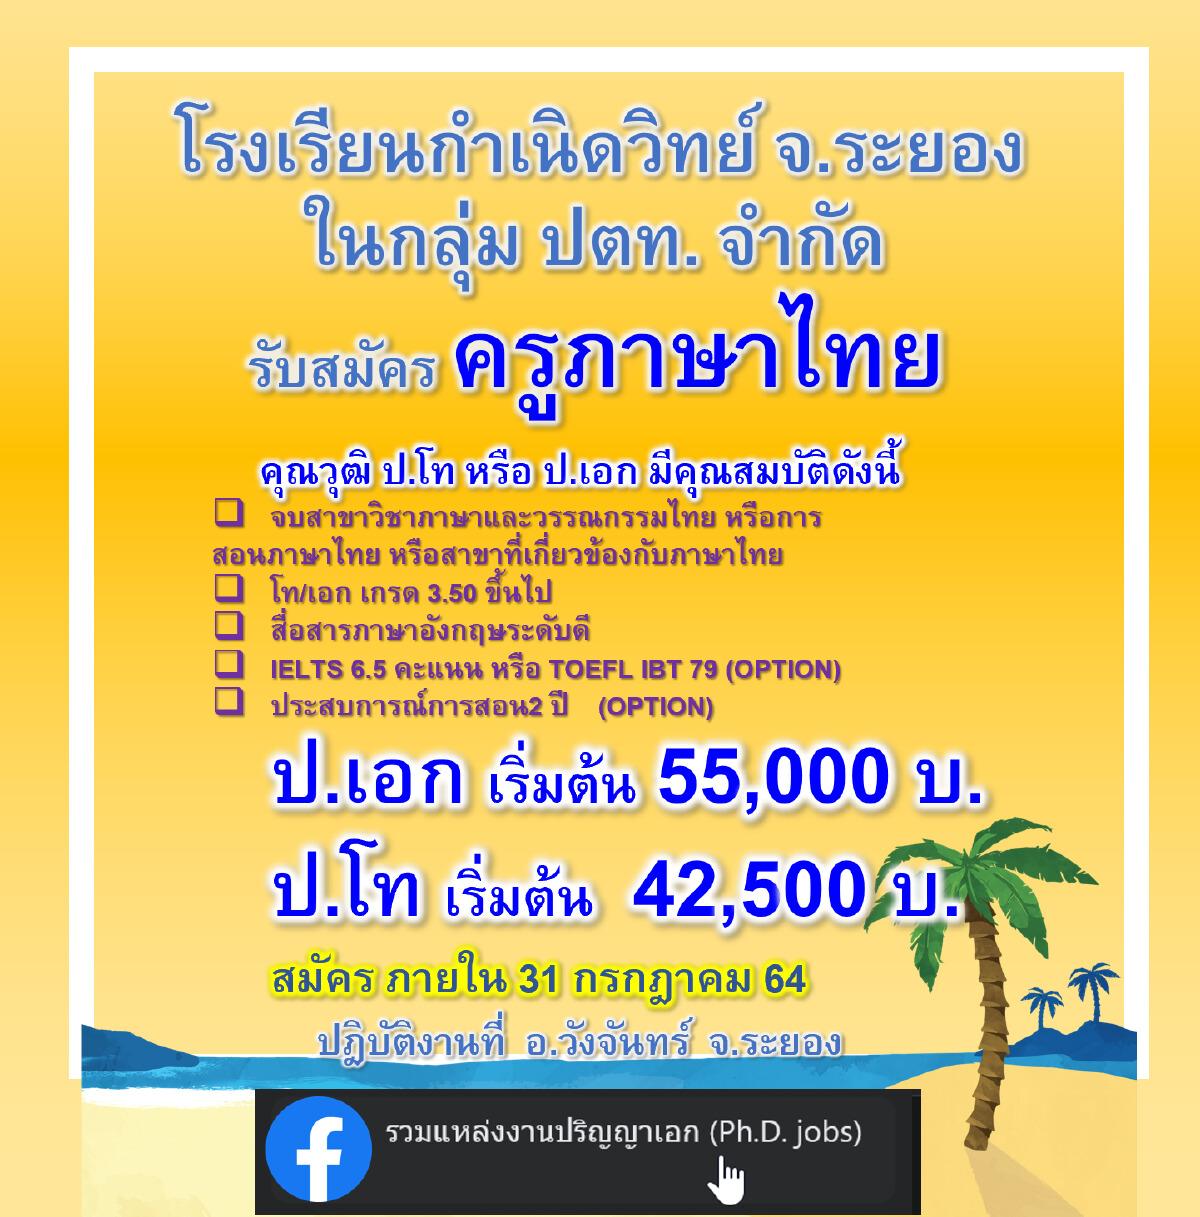 ร.ร.กำเนิดวิทย์ รับสมัครครูภาษาไทย วุฒิป.เอก-ป.โท เงินเดือนทะลุ5หมื่นอัพ